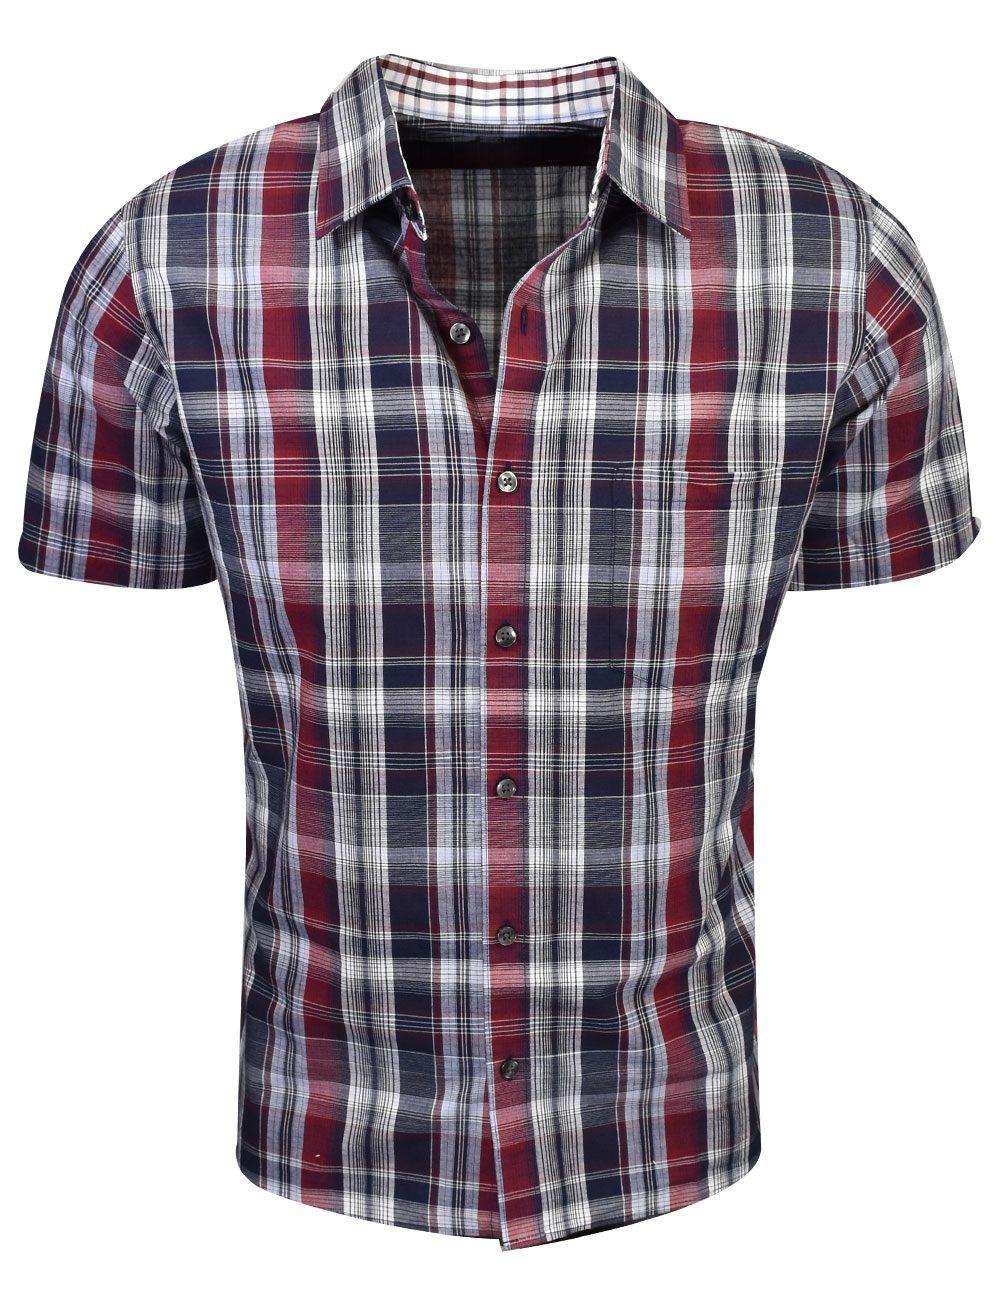 Van Heusen Short Sleeve Never Tuck Woven Shirt Rockbottomgolf